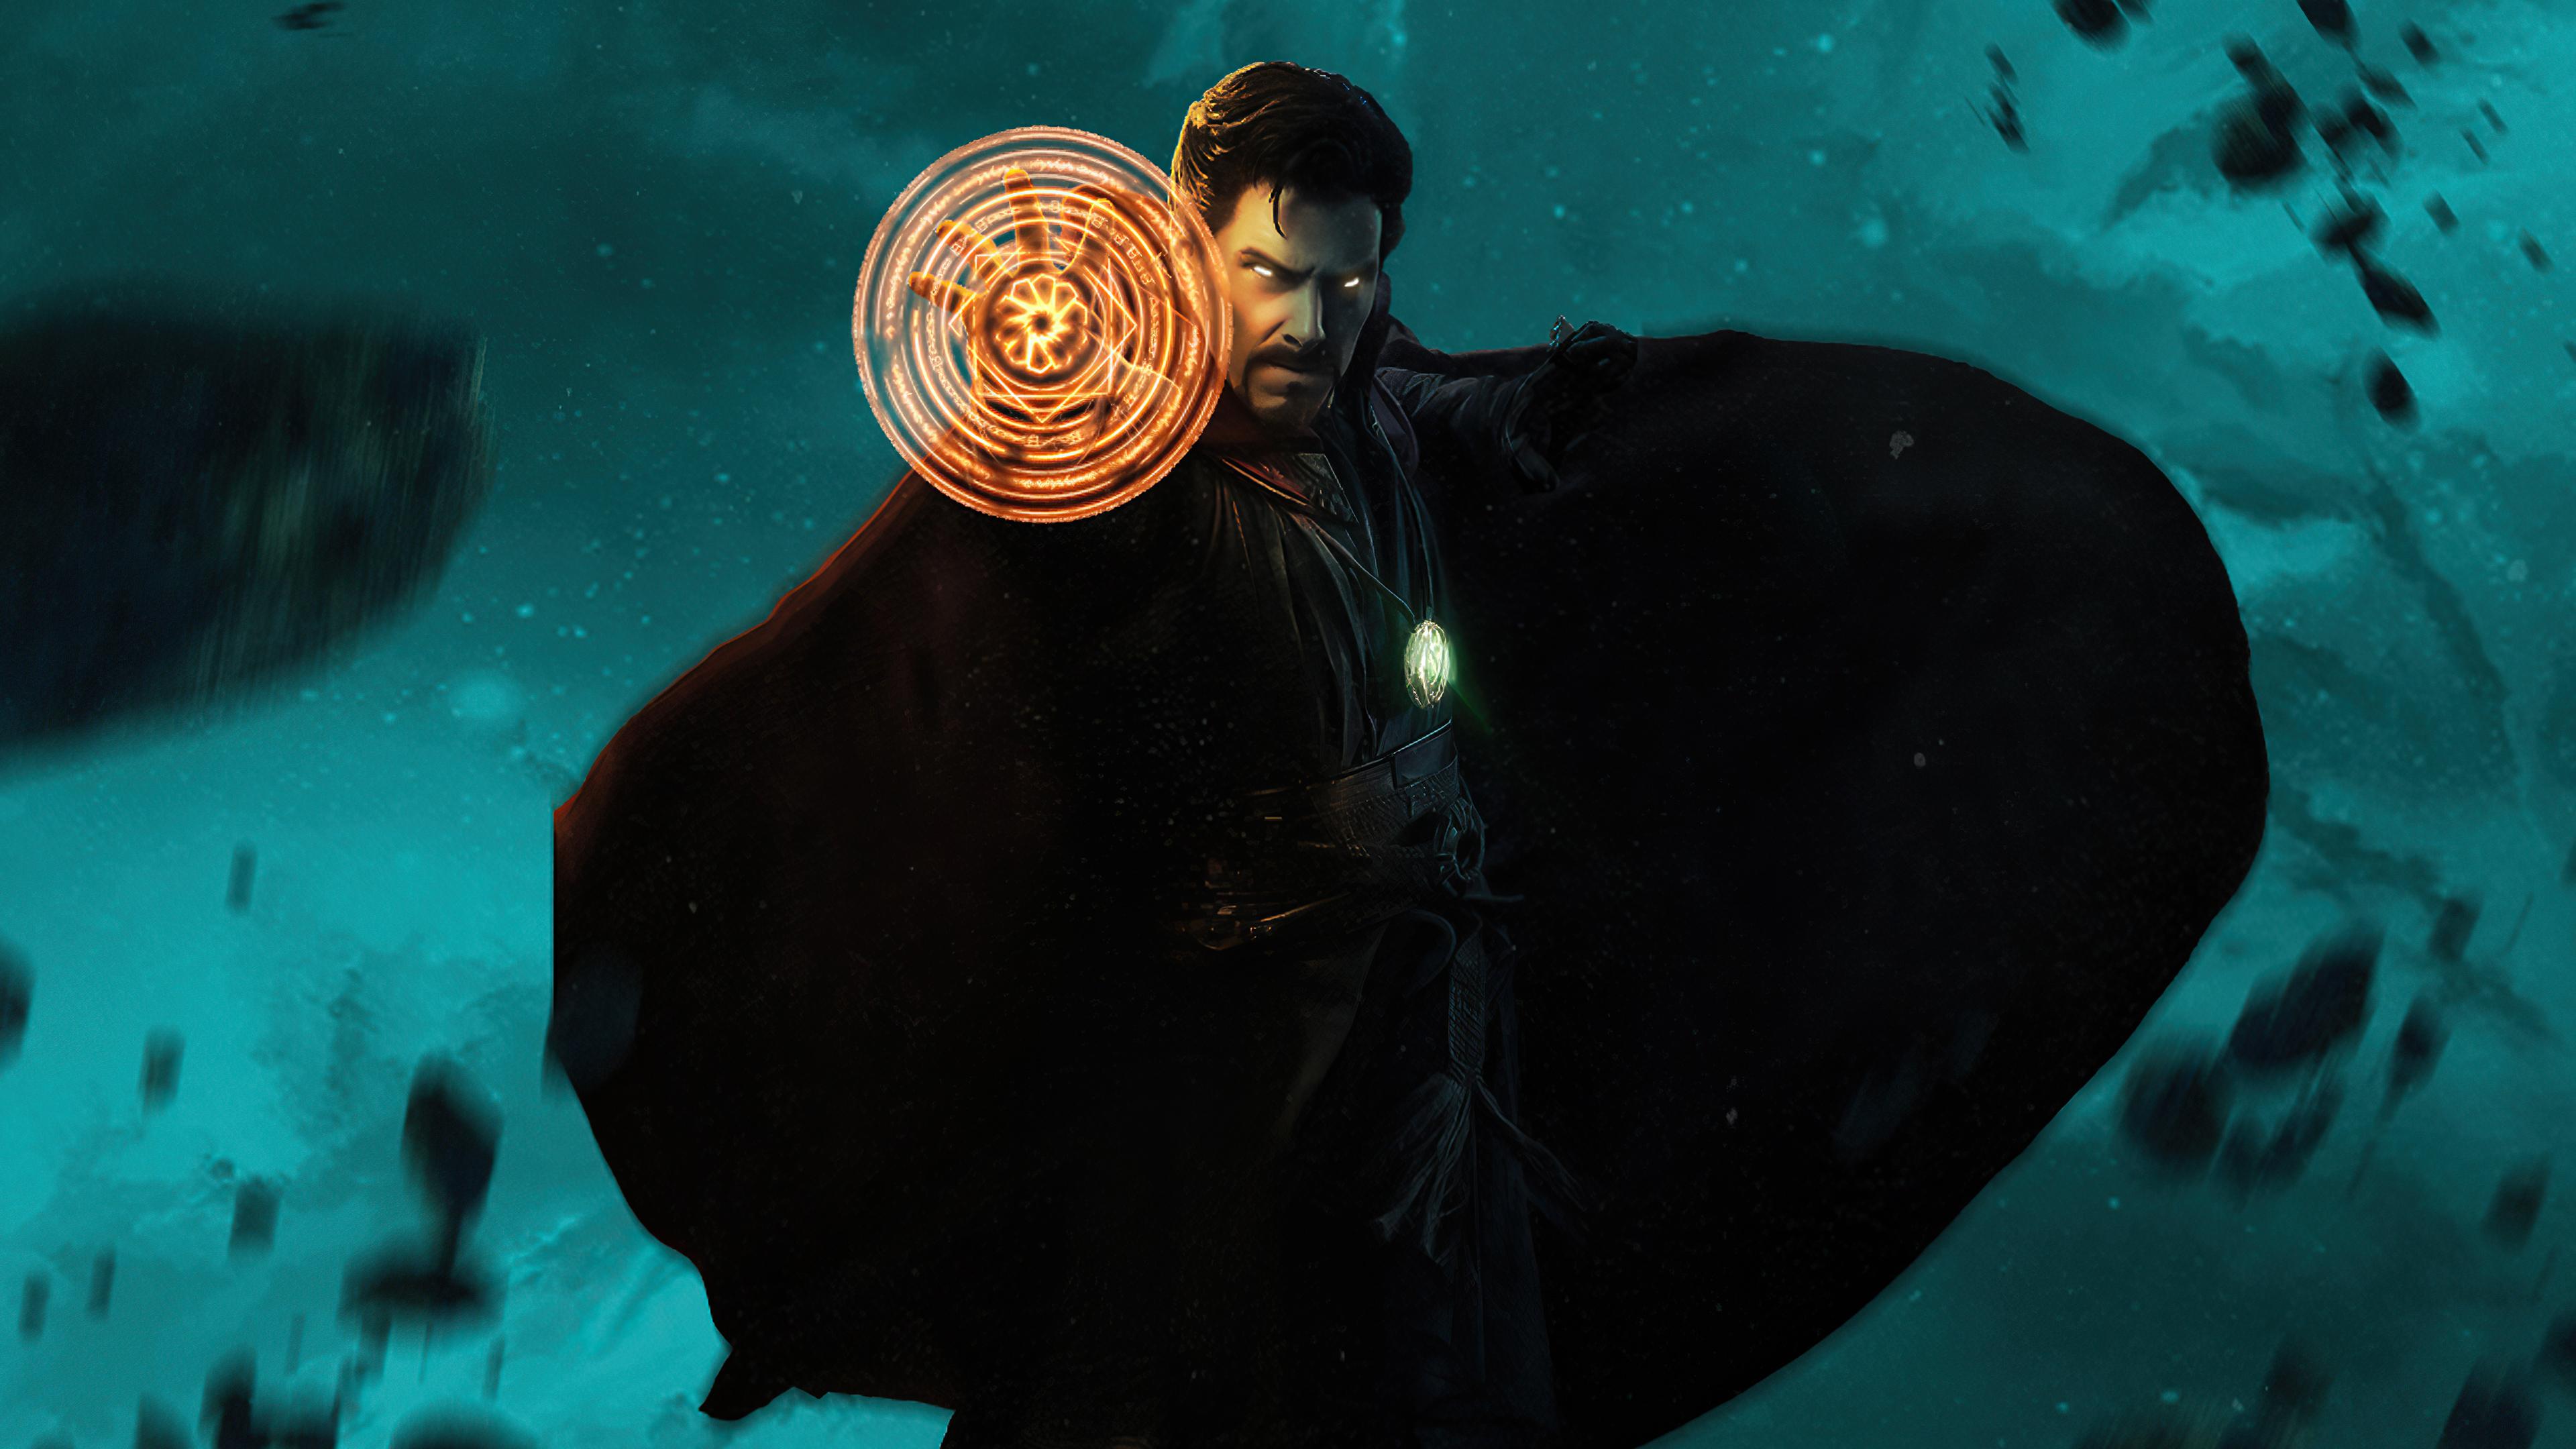 Wallpaper Doctor Strange Fanart